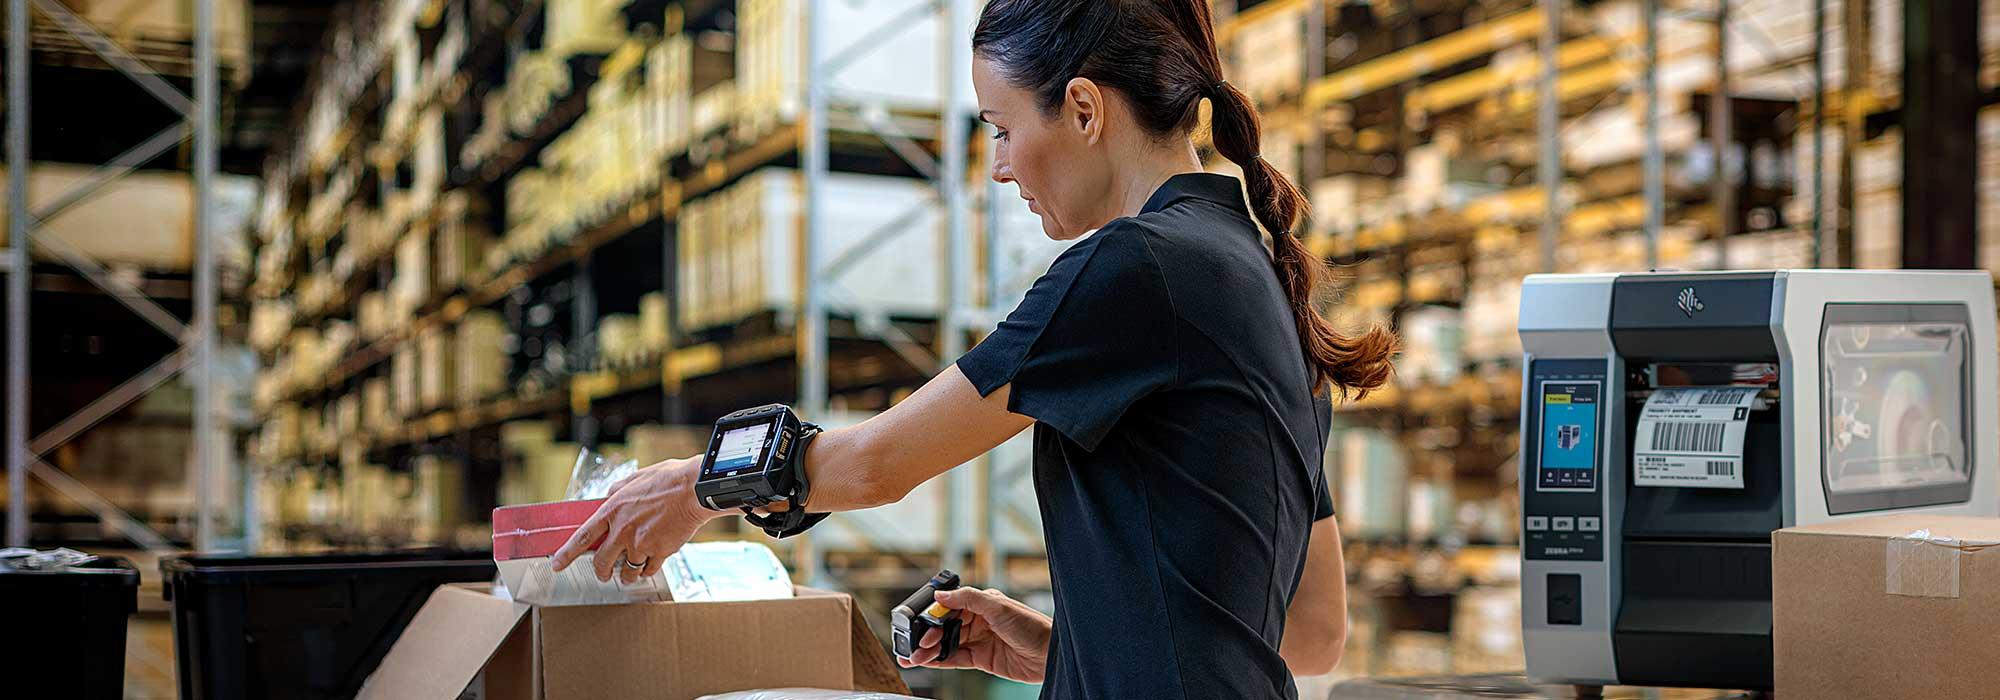 kvinnelig ansatt på lager håndterer varer